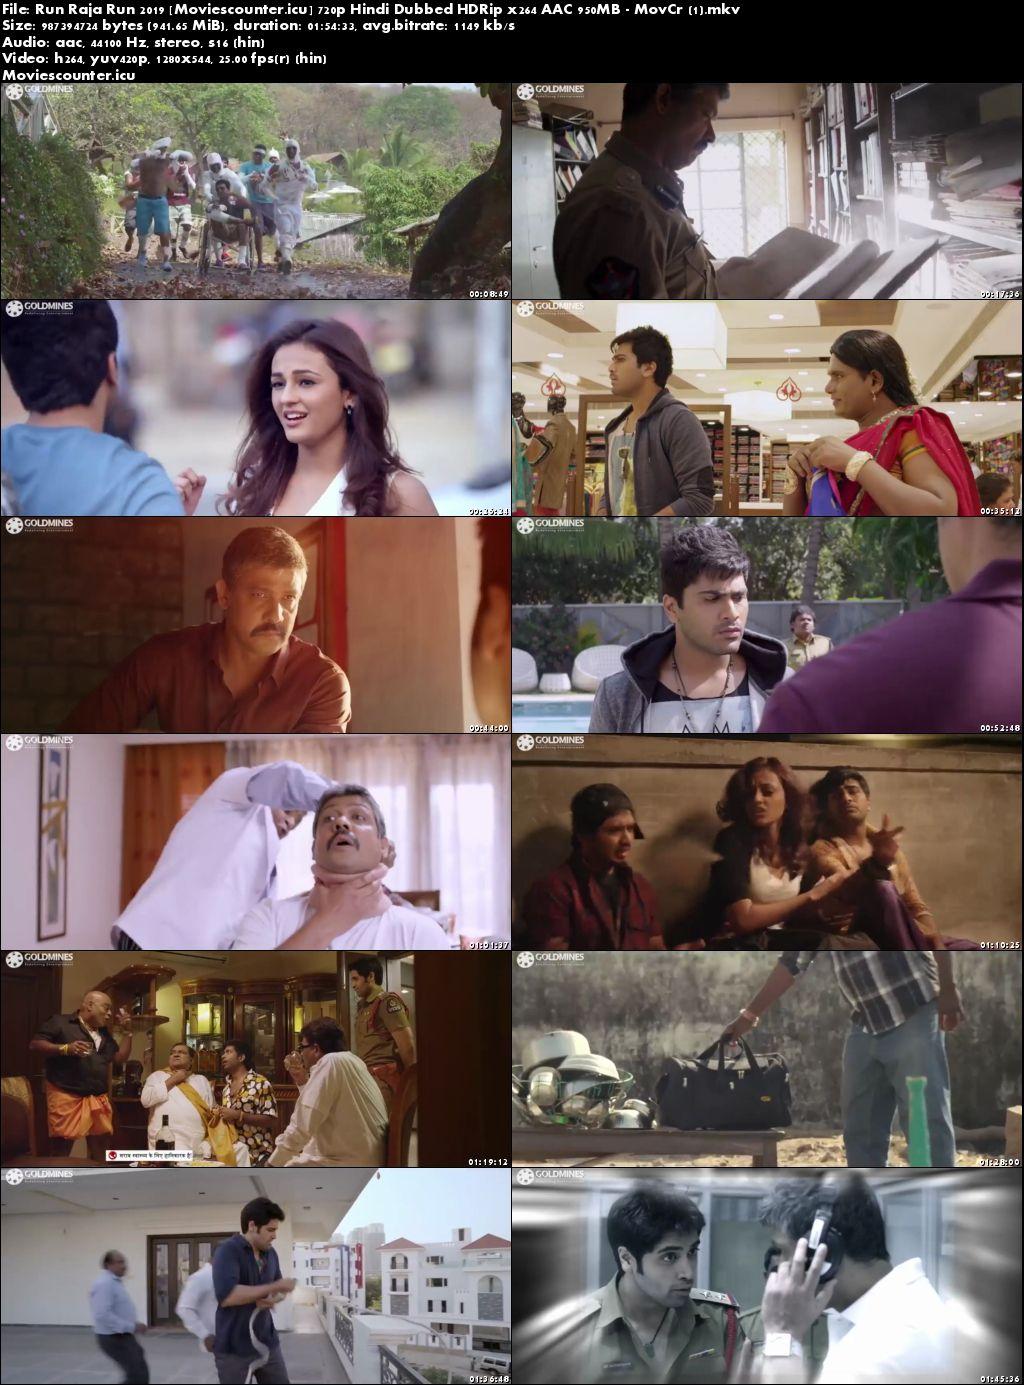 Screen Shots Run Raja Run 2014 Hindi Dubbed HD 720p